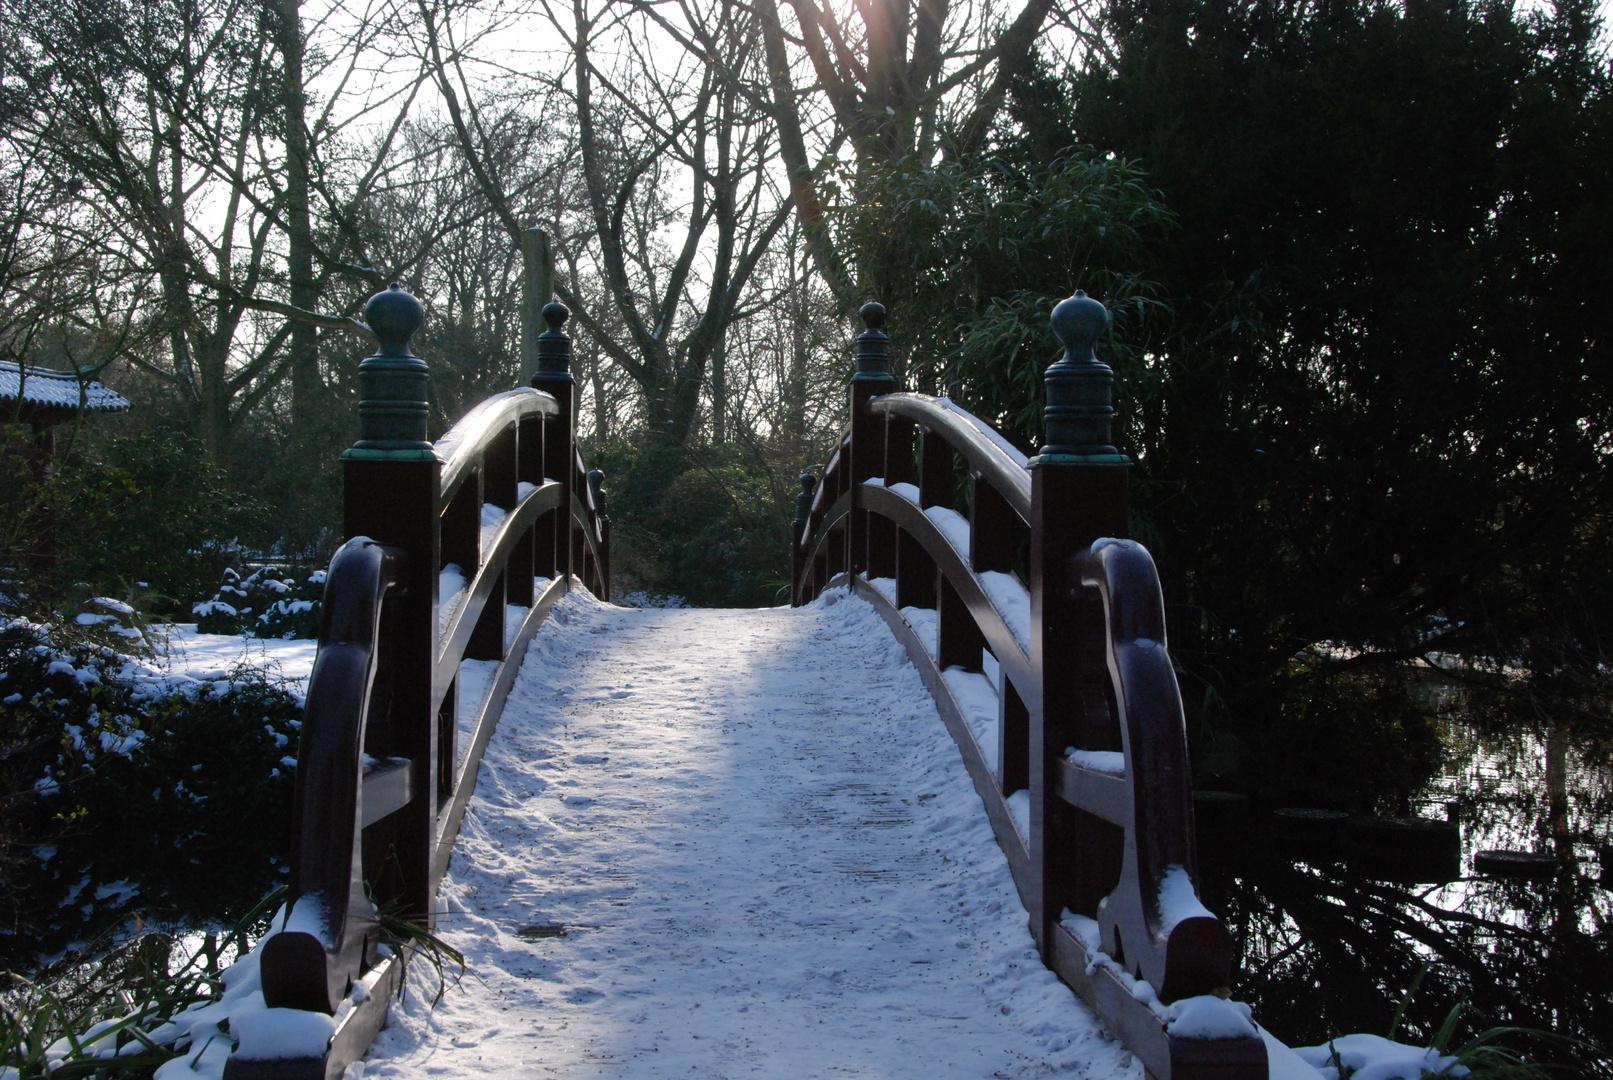 Japanischer Garten Leverkusen - 14.01.2010 - Brücke